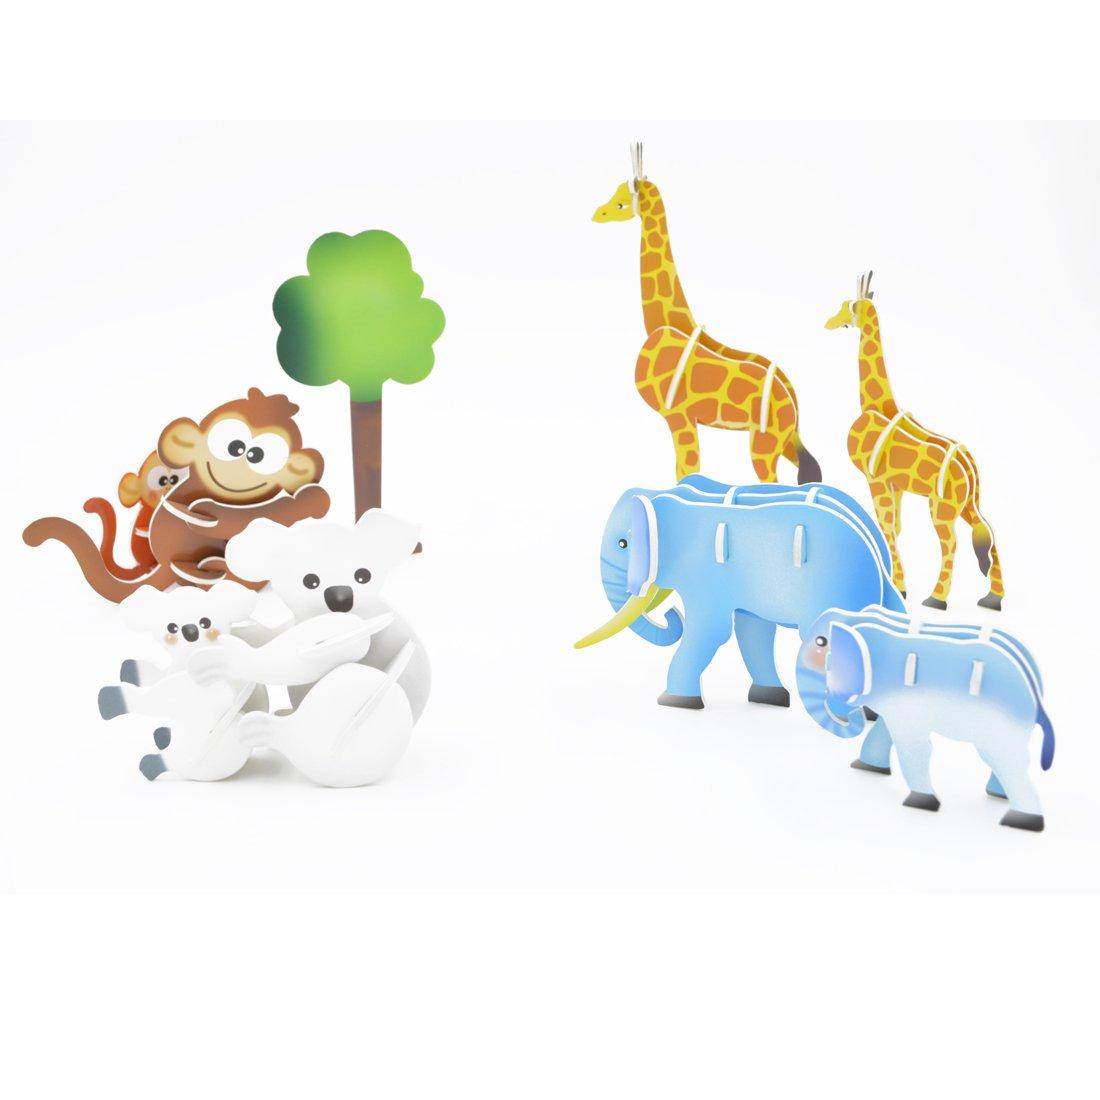 高品質で可愛いクリエイティブな魔法3D立体パズルペーパークラフトは、ヨーロッパEN71、アメリカASTM F963、6P及び3Cという品質基準に達しています,74 ピース-動物の親子の相互作用 B01EYRBXLE